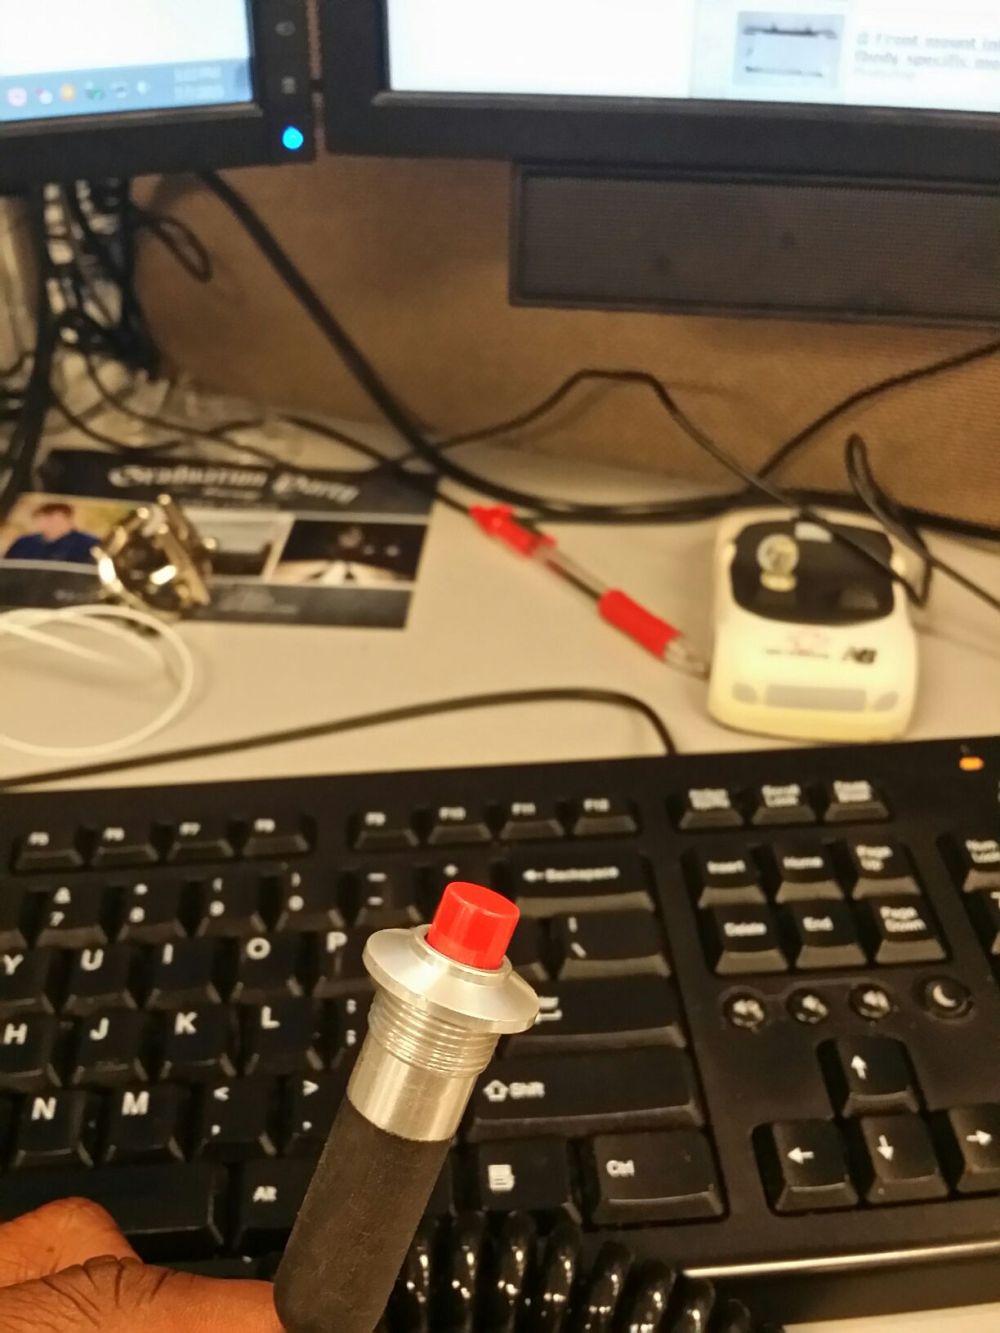 medium resolution of 2000 camaro ls1 engine wiring harness ls1 coil harness lt1 stand alone wiring harness diagram chevy lt1 stand alone wiring harness